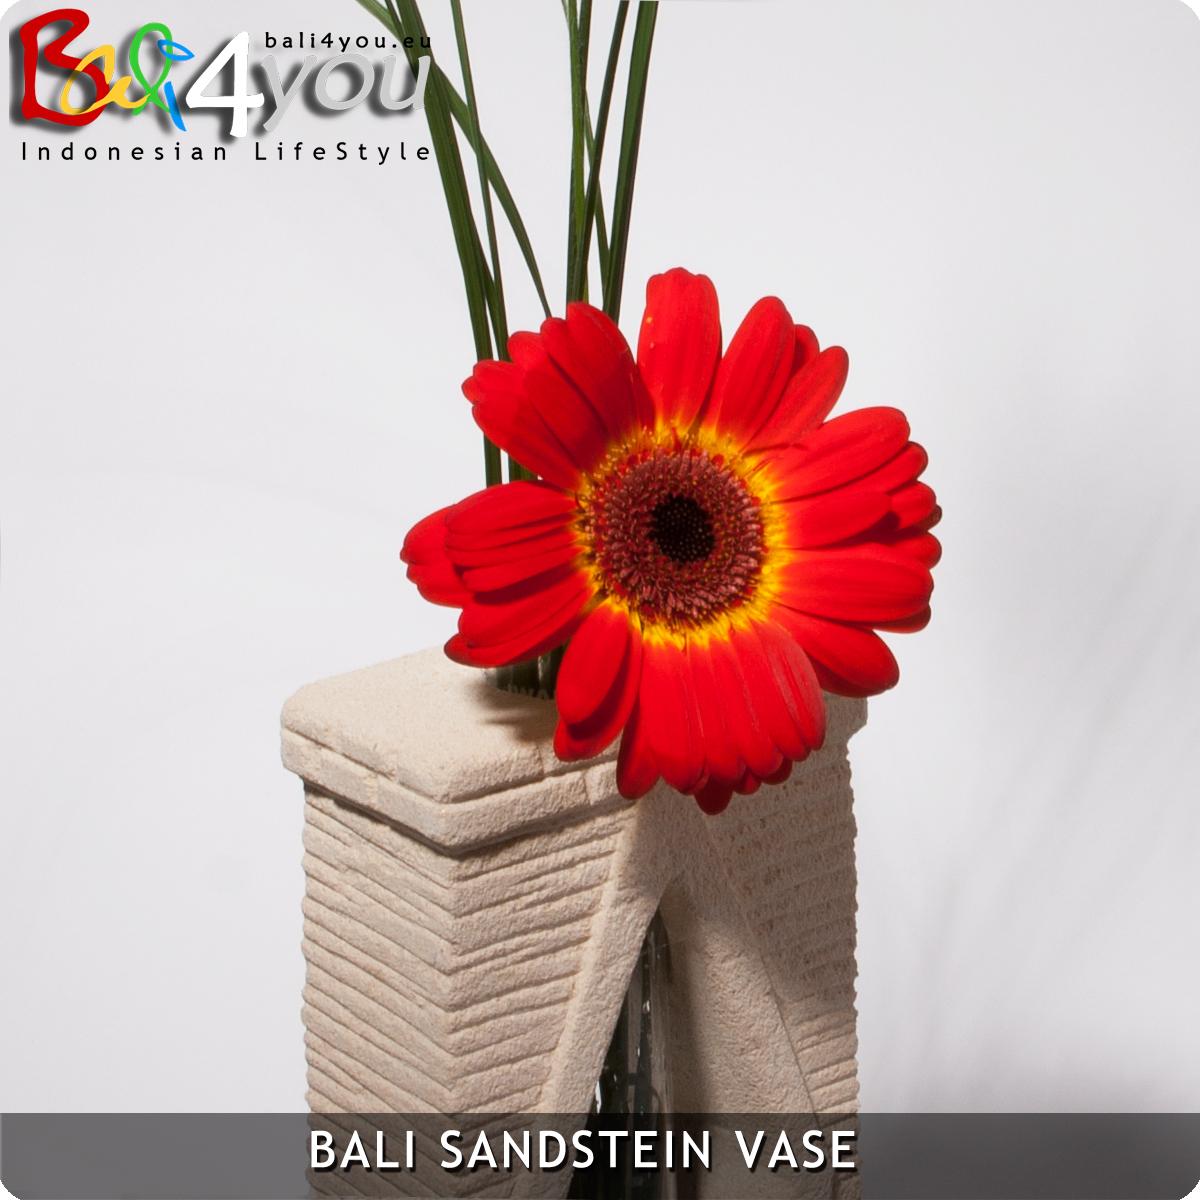 Sandstein Vase Solo